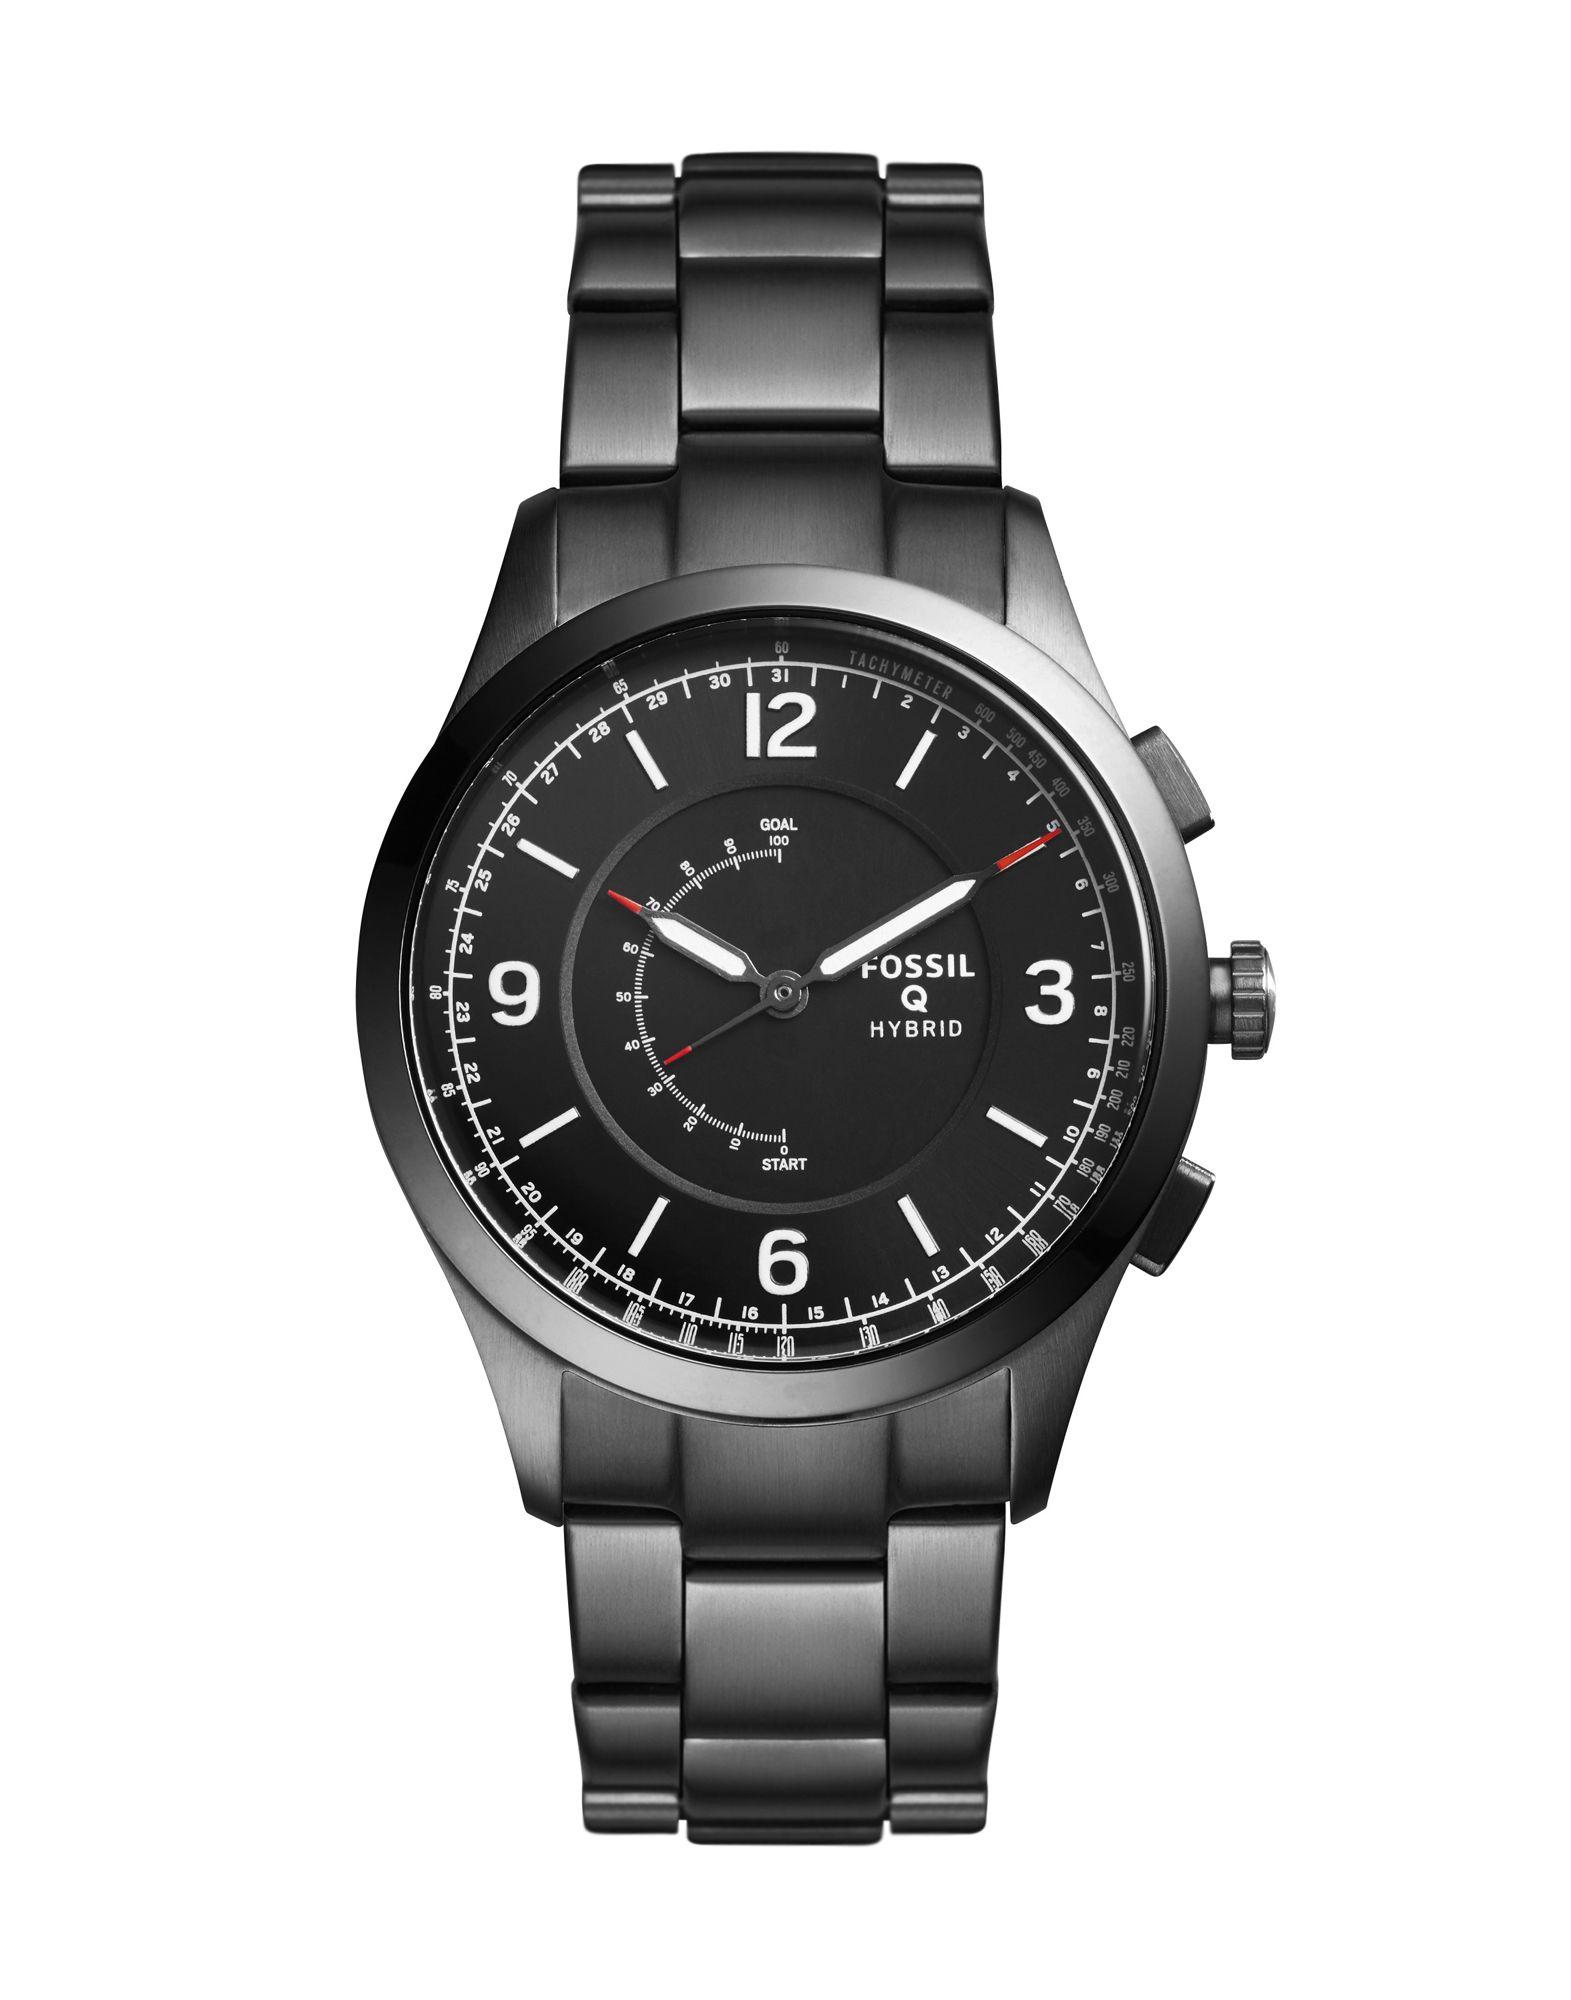 FOSSIL Q Herren Smartwatch Farbe Schwarz Größe 1 - broschei